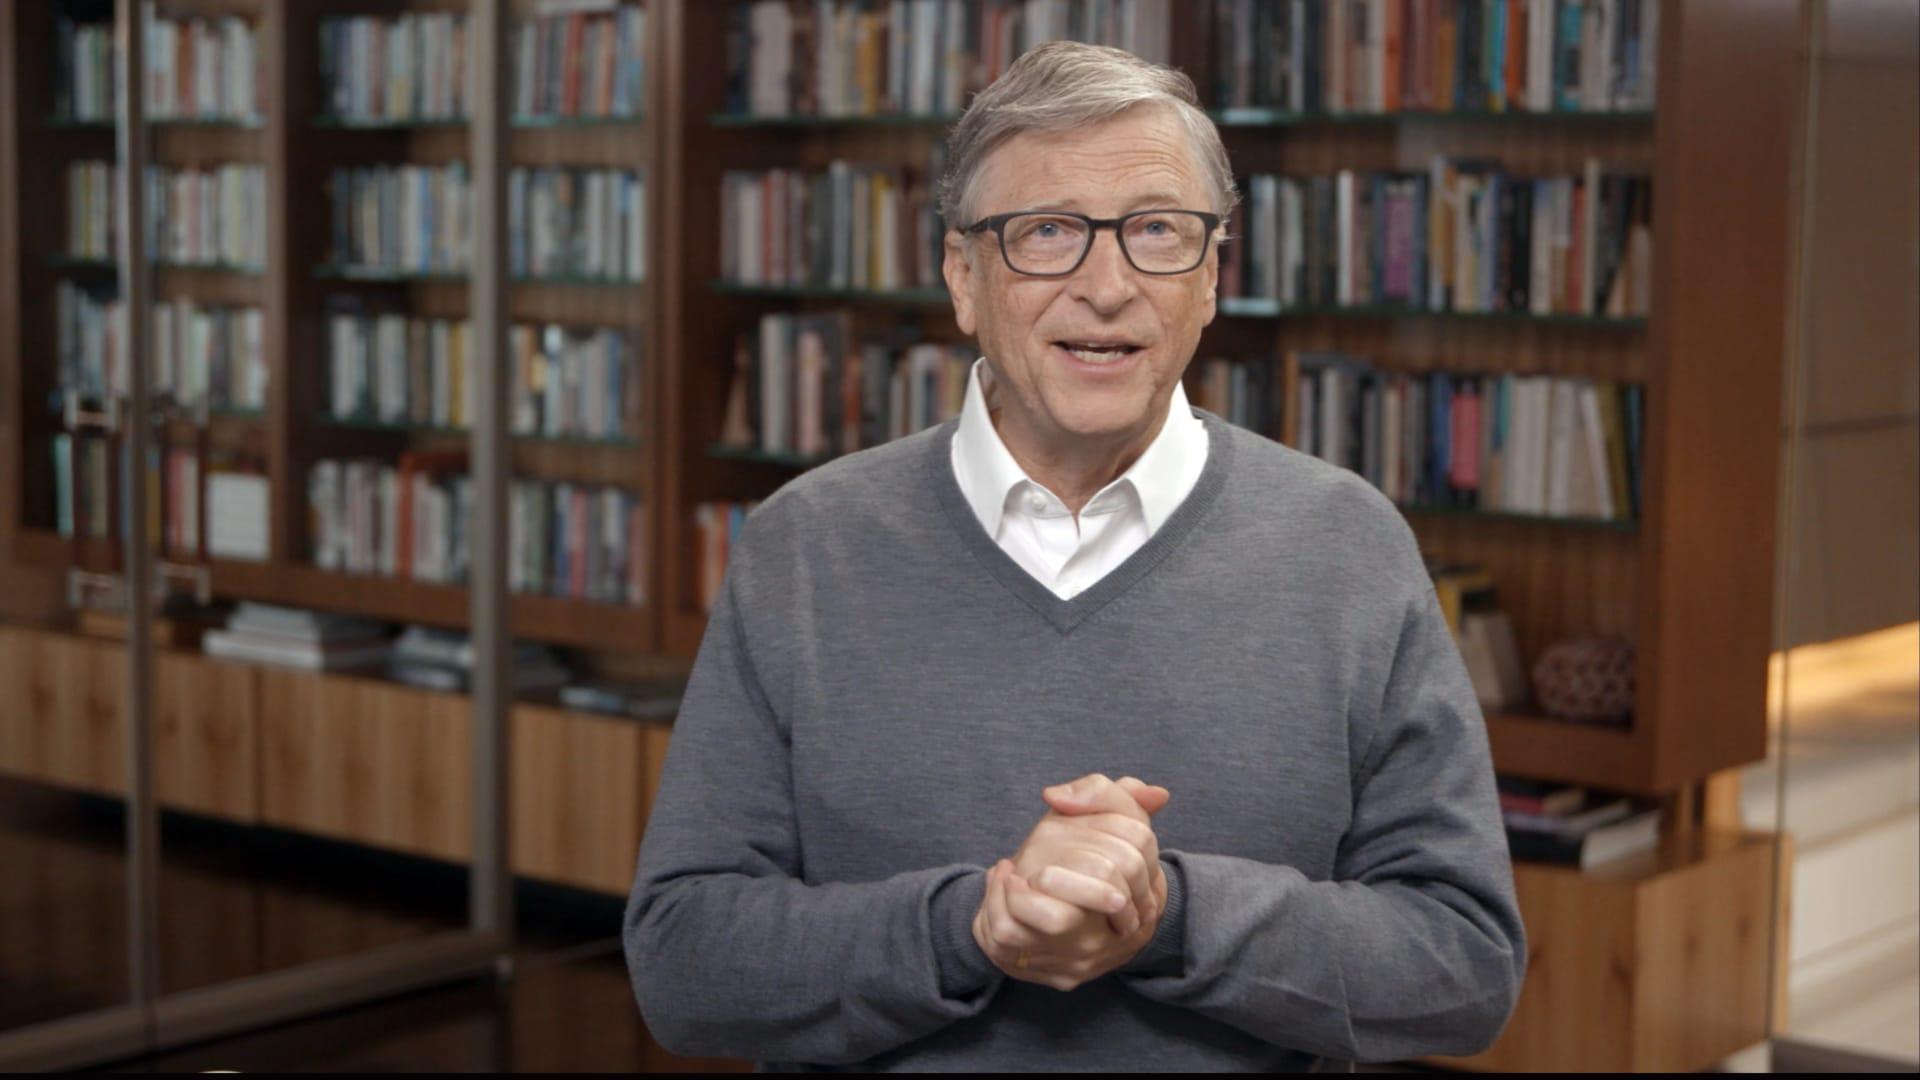 الملياردير الأمريكي مؤسس شركة مايكروسوفت بيل غيتس